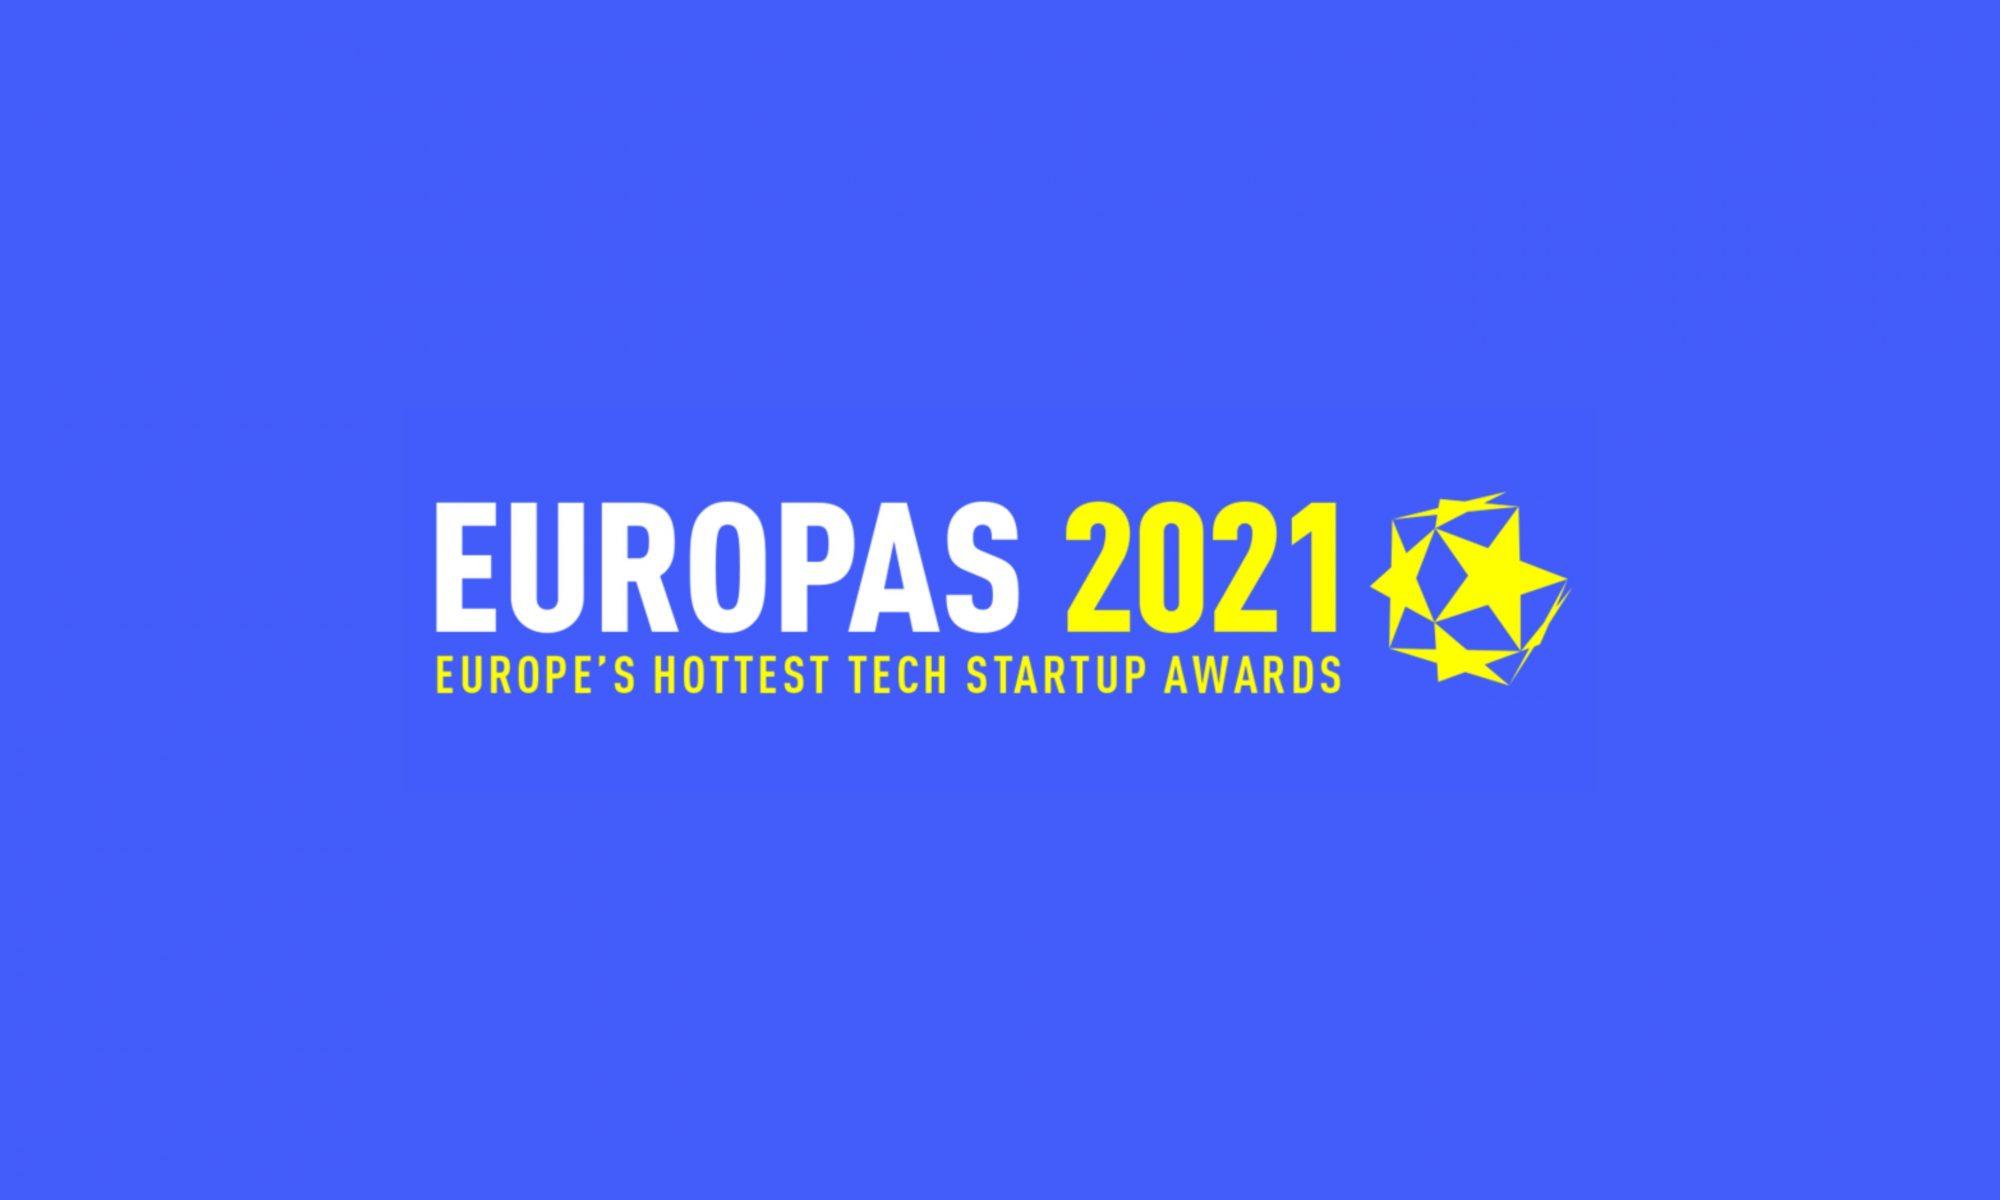 Europas Awards